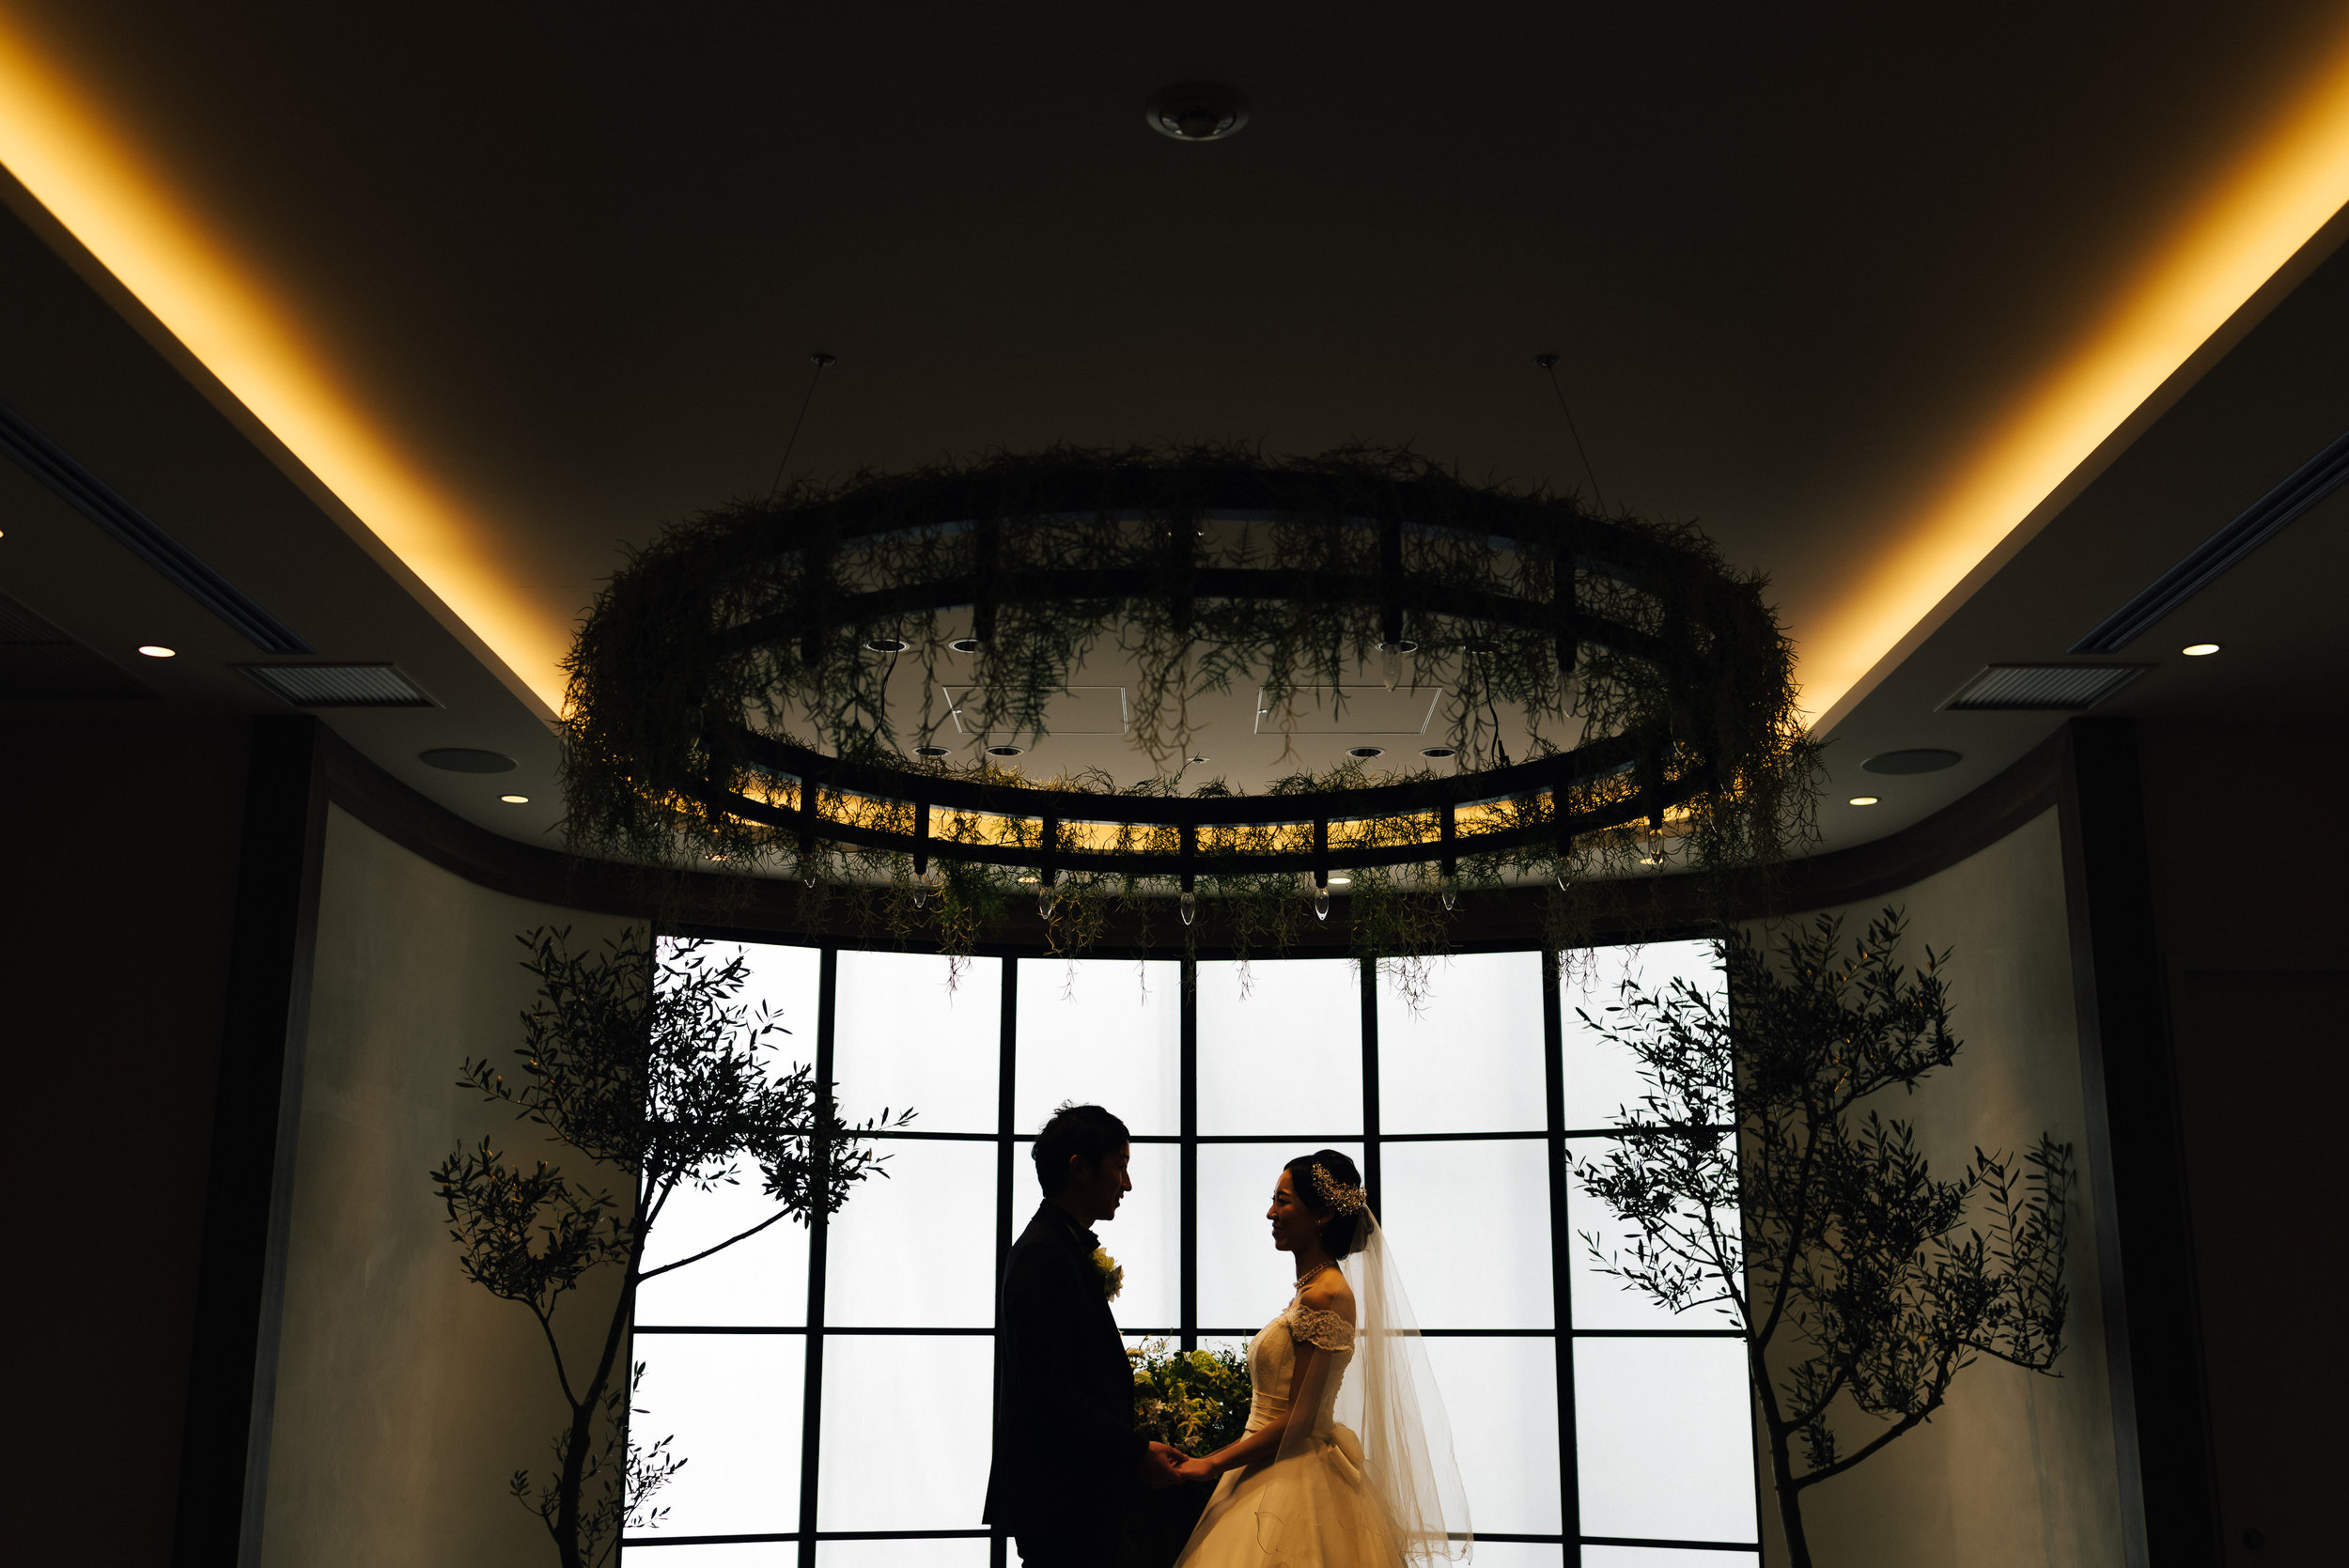 ルリエ ラシックアンジュール 結婚式撮影0103.jpg